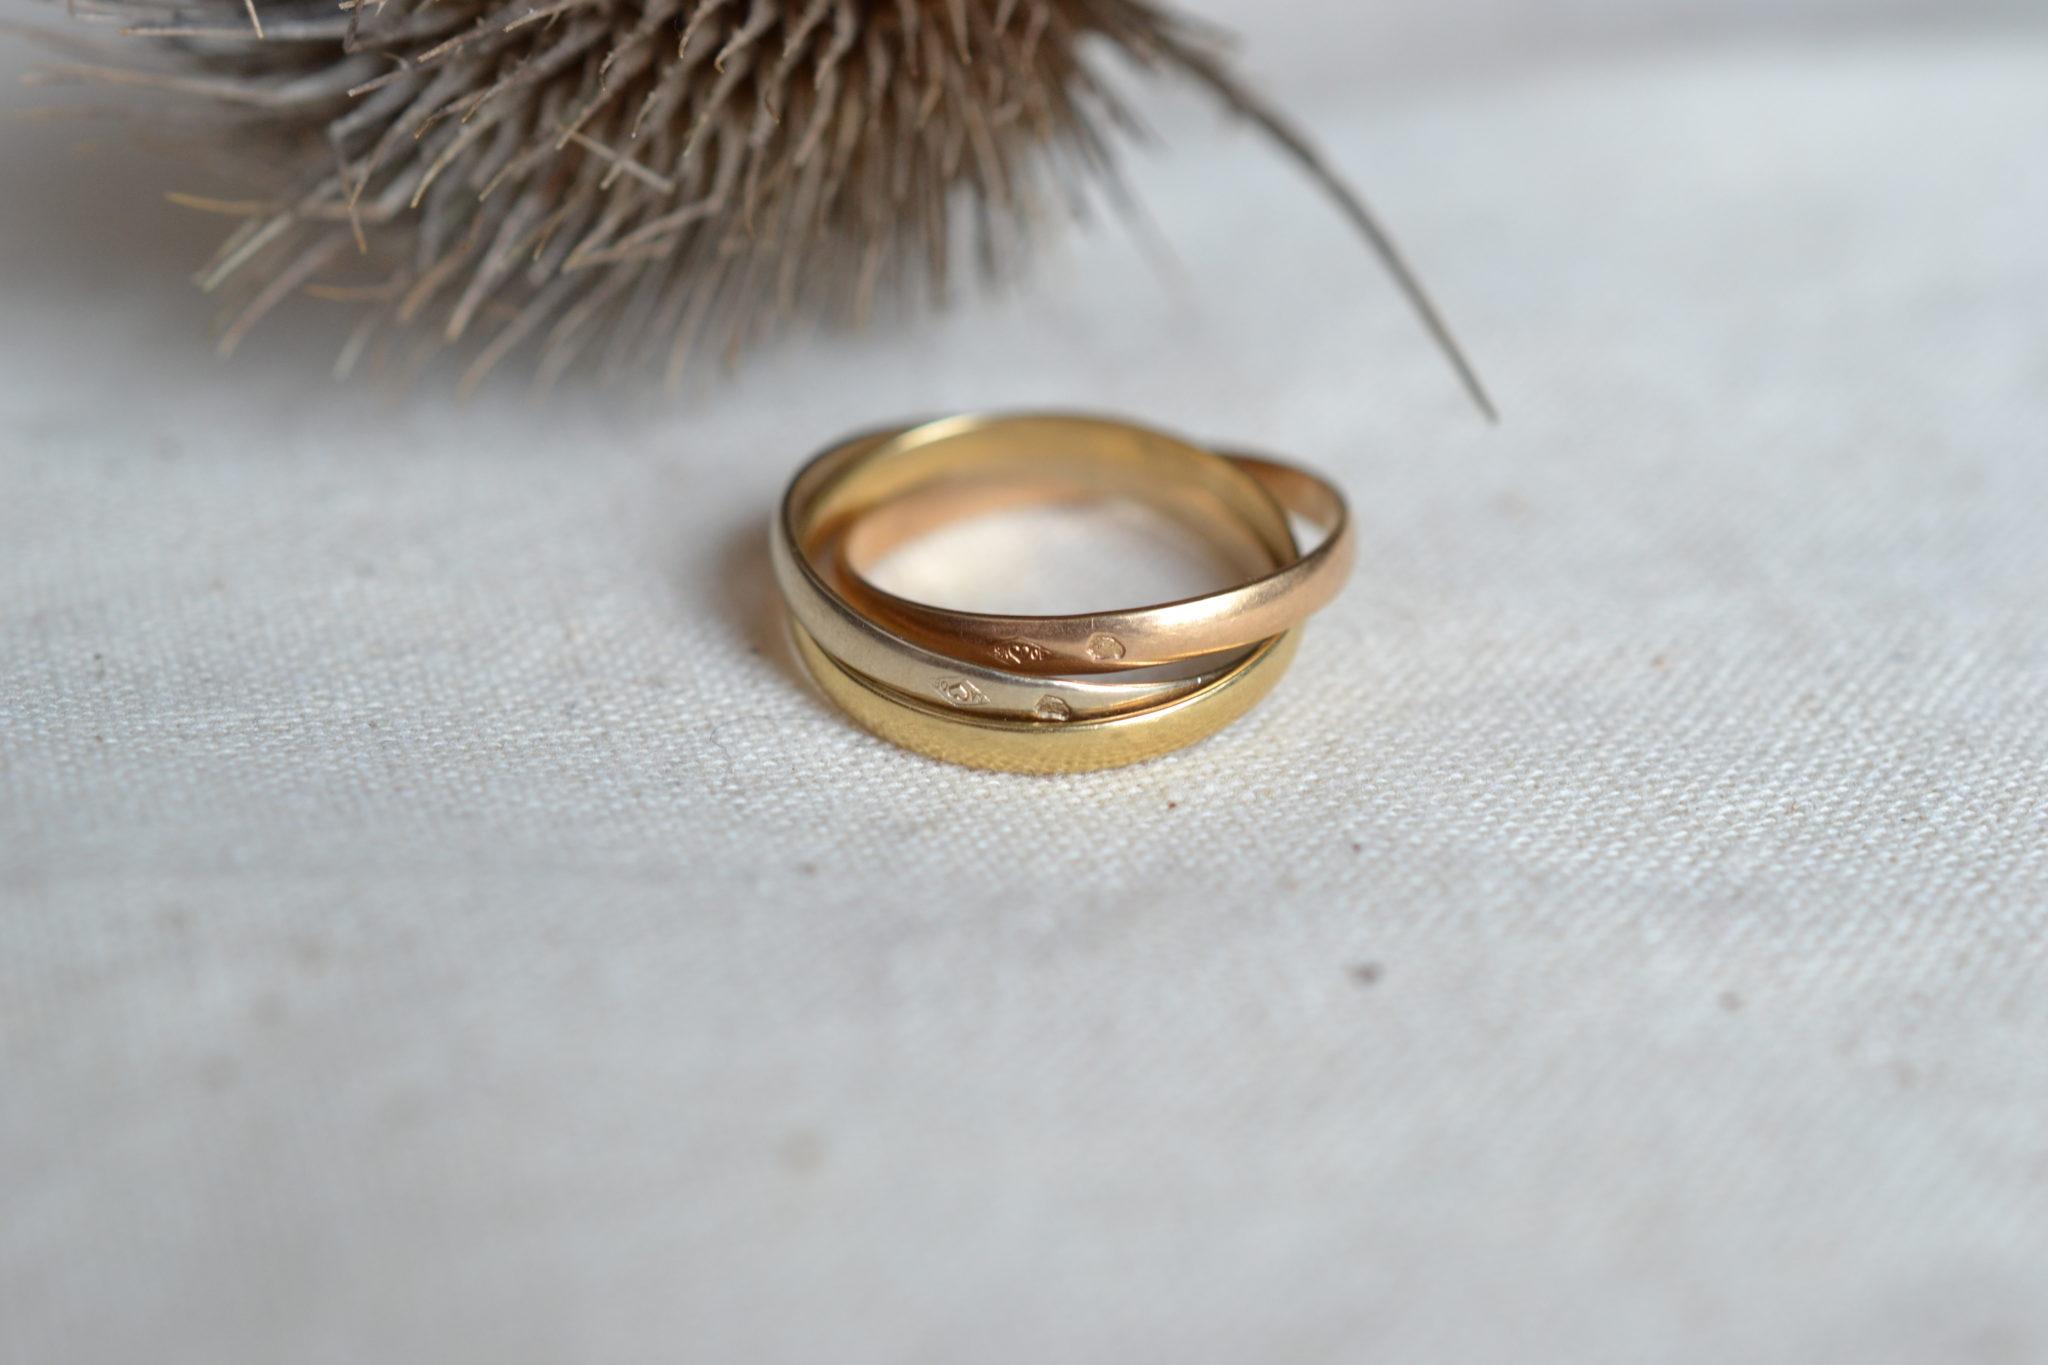 Bague Alliance _Trinity_ Formée De 3 Anneaux En Or Jaune, Or Rose Et Or Blanc - Bague De Mariage Vintage